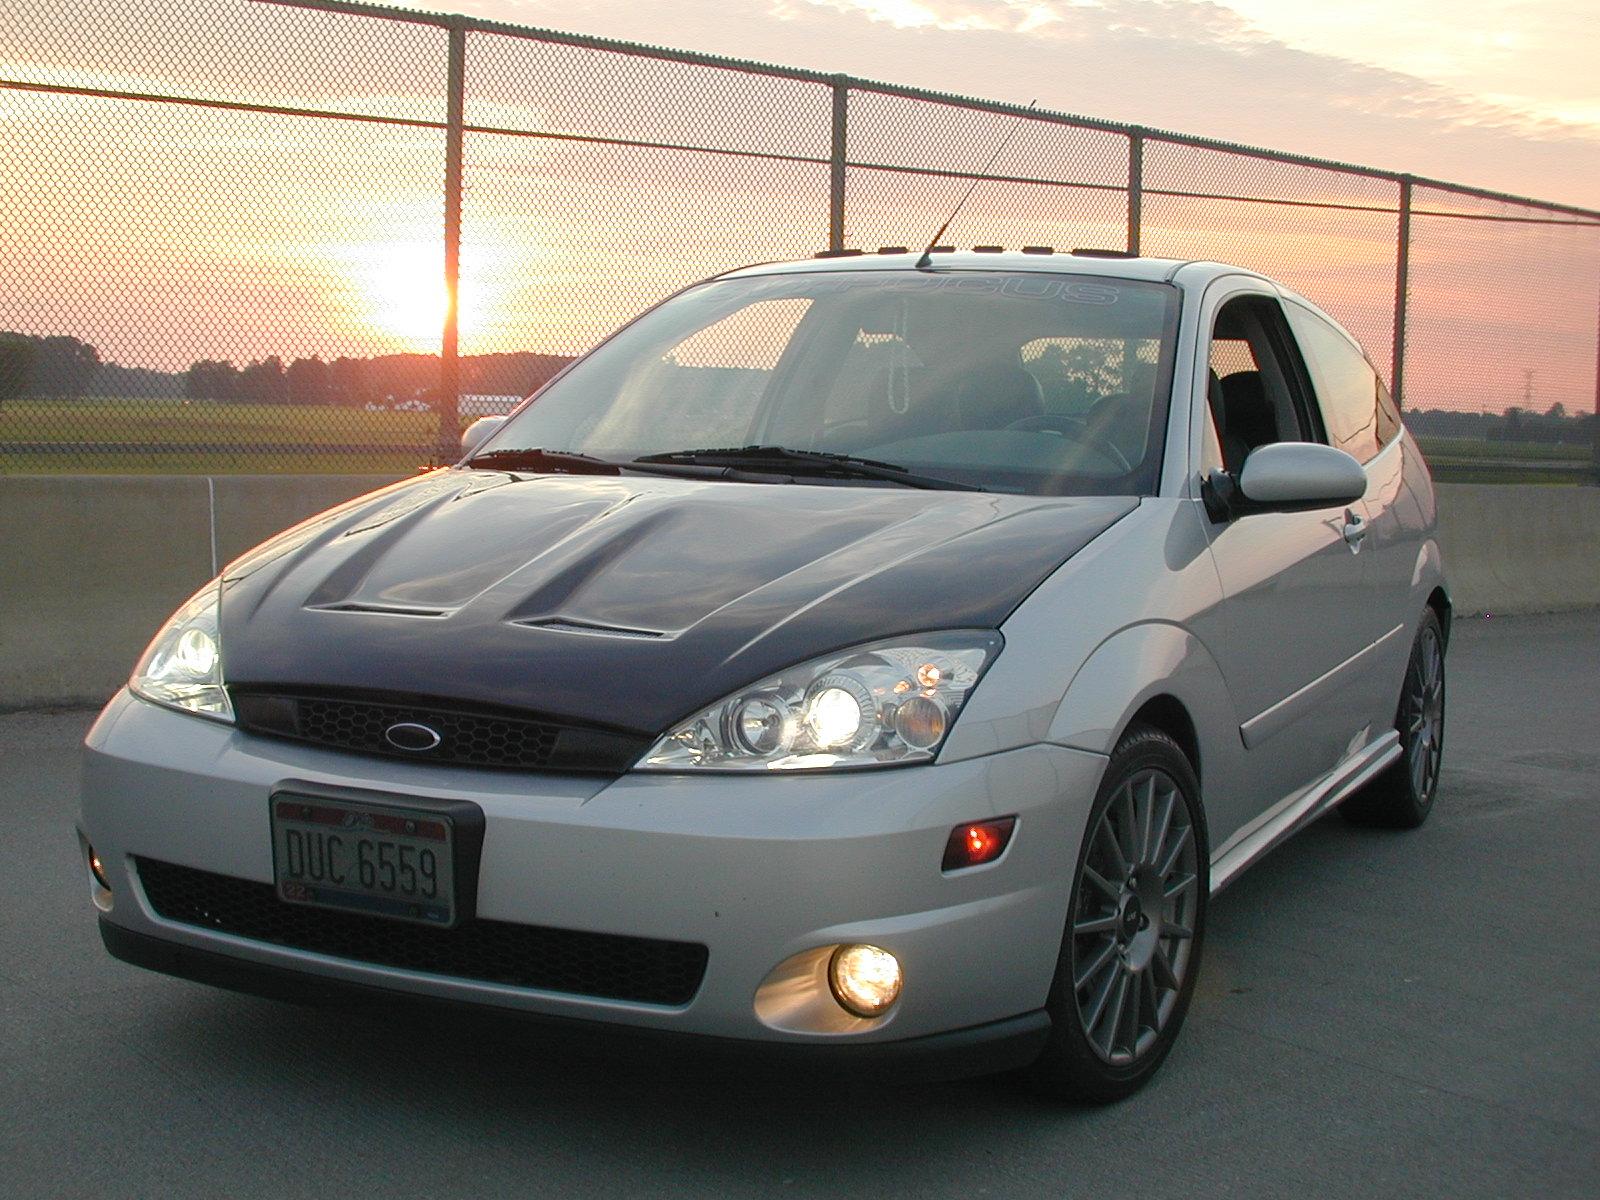 2003 Ford Focus Svt Pictures Cargurus